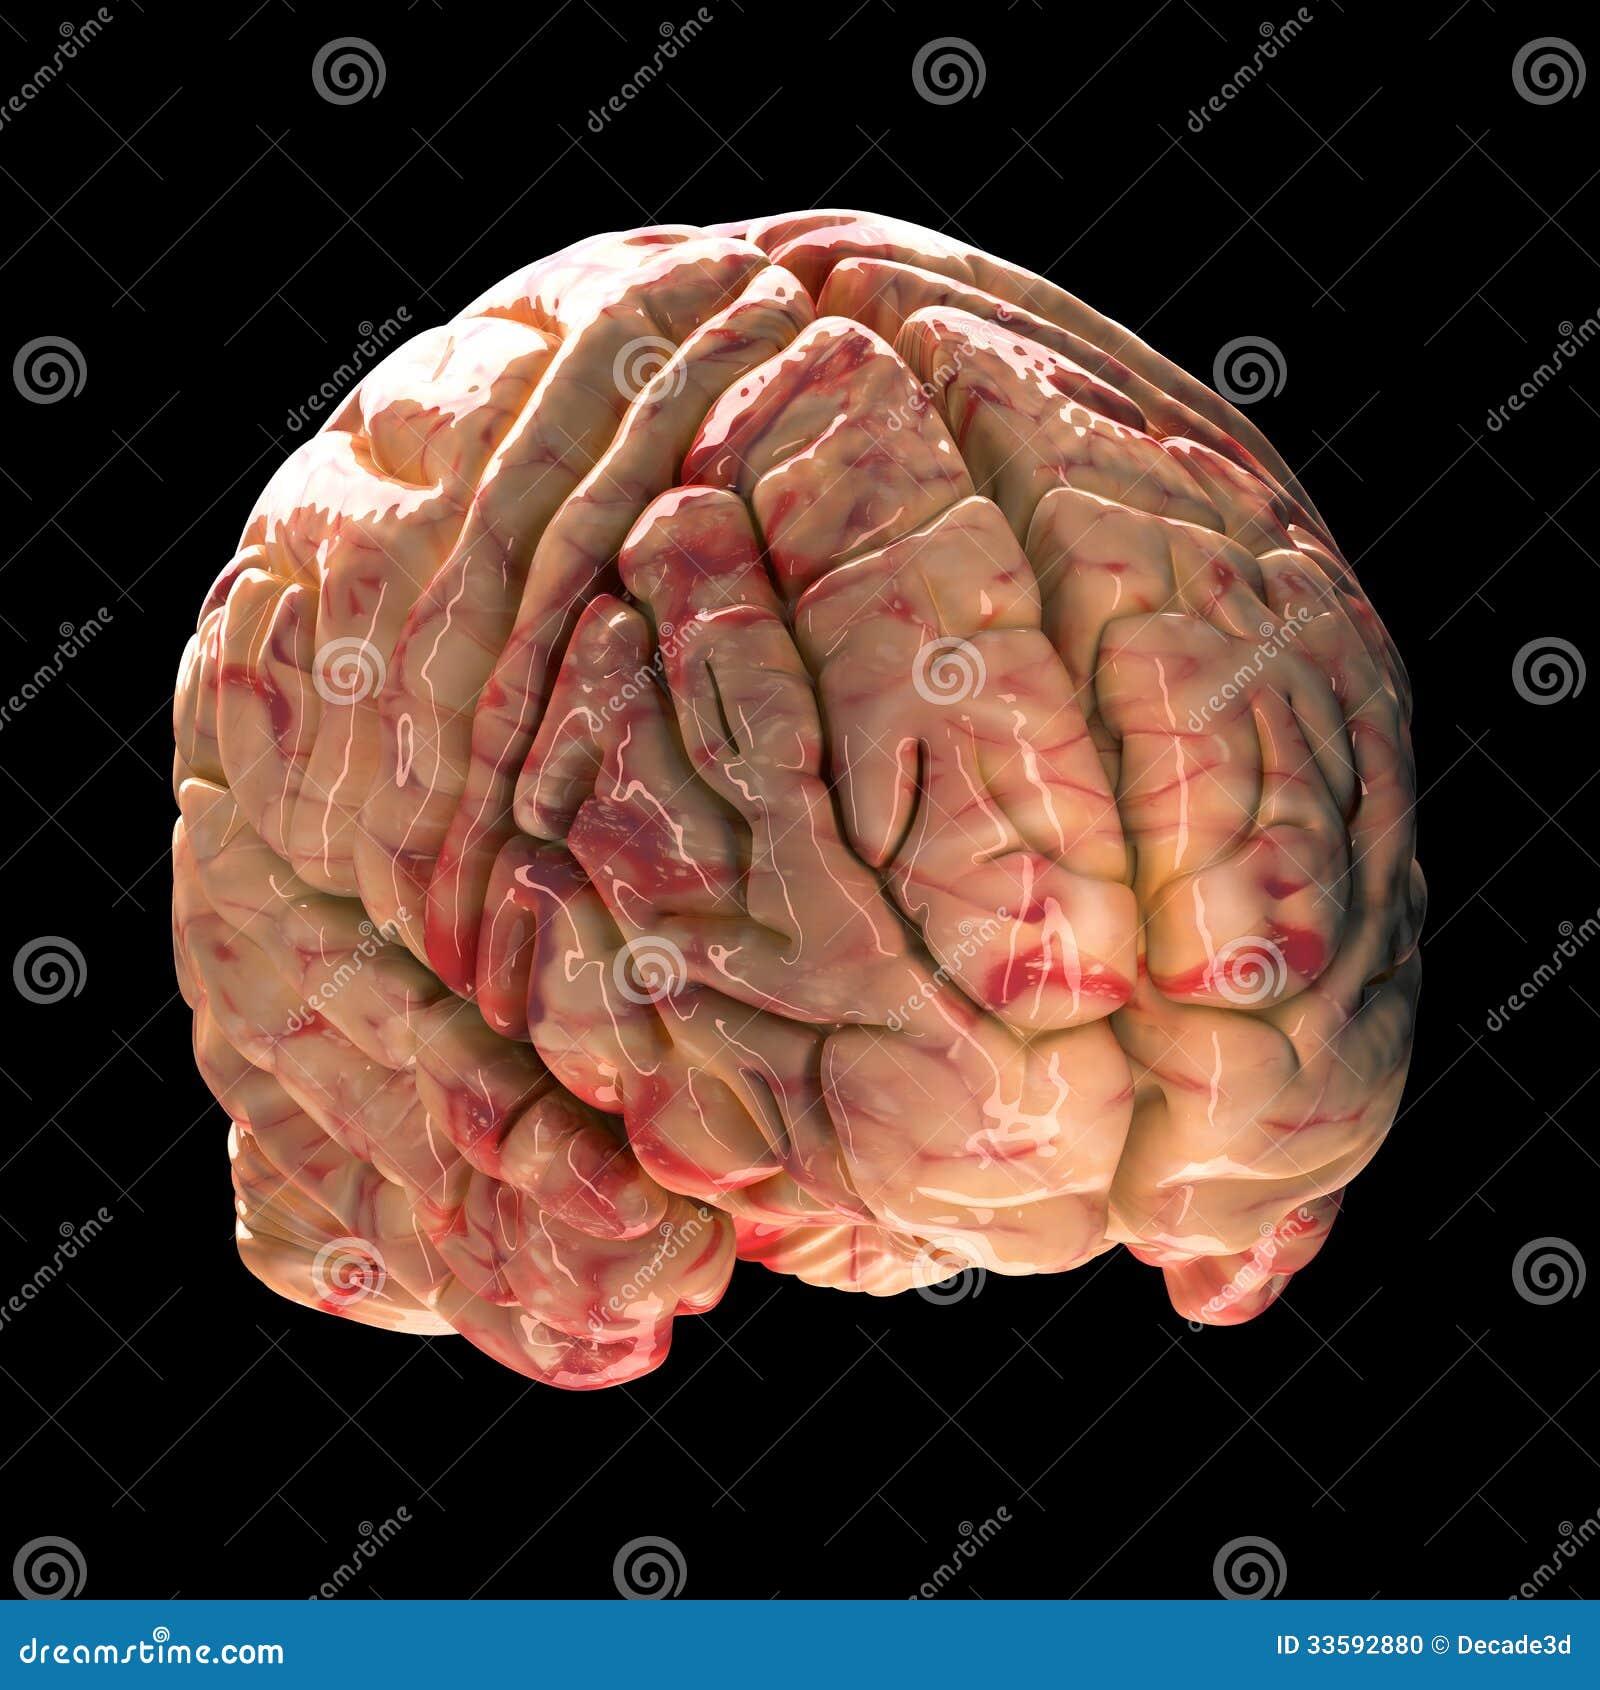 Anatomie-Gehirn - Isometrische Ansicht Stock Abbildung ...